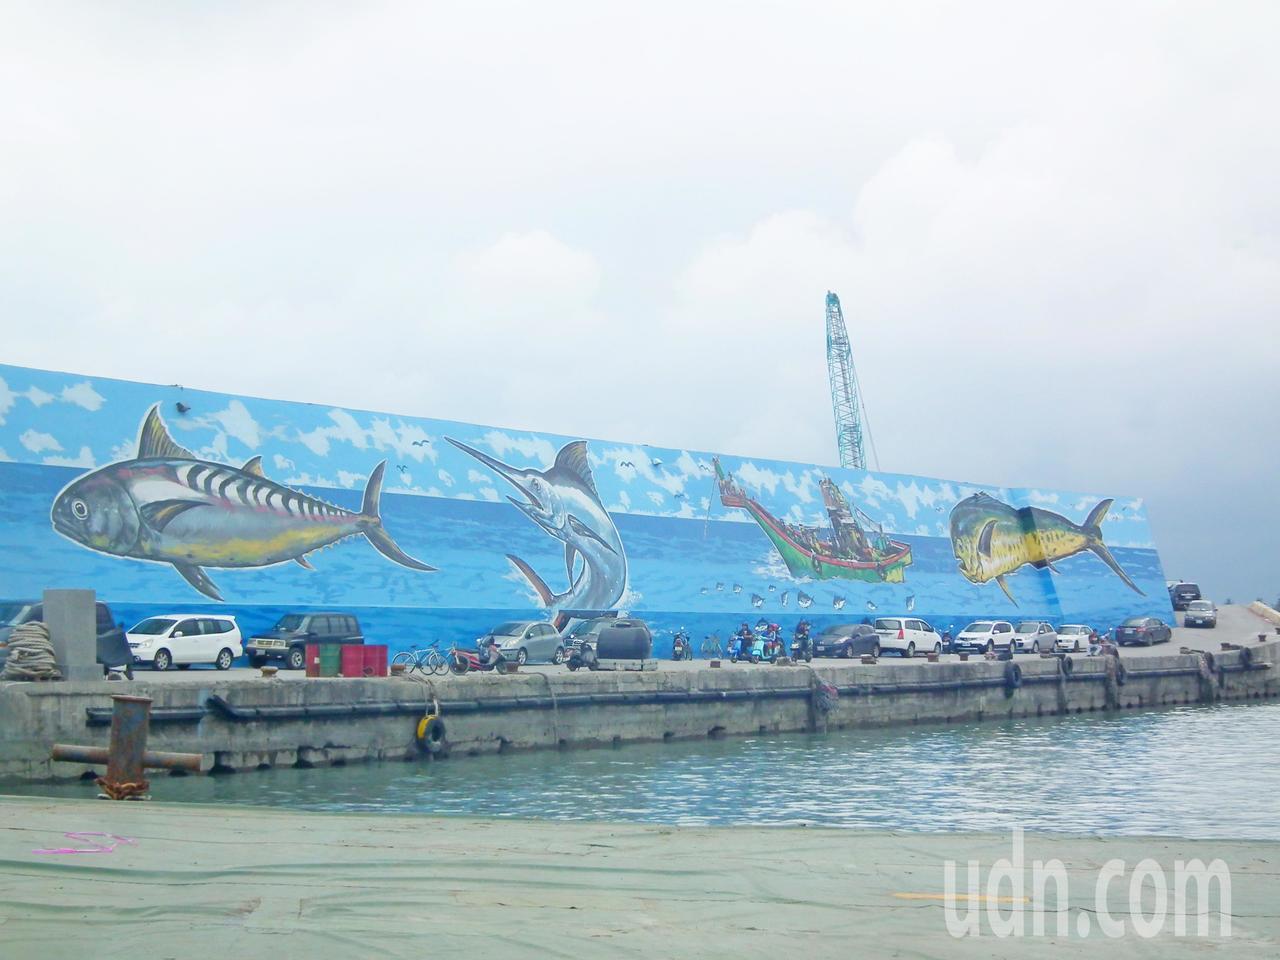 台東富岡漁港防坡堤重新彩繪的牆面,把台東在地魚種及漁業風情重新彩繪上去,民眾看了...